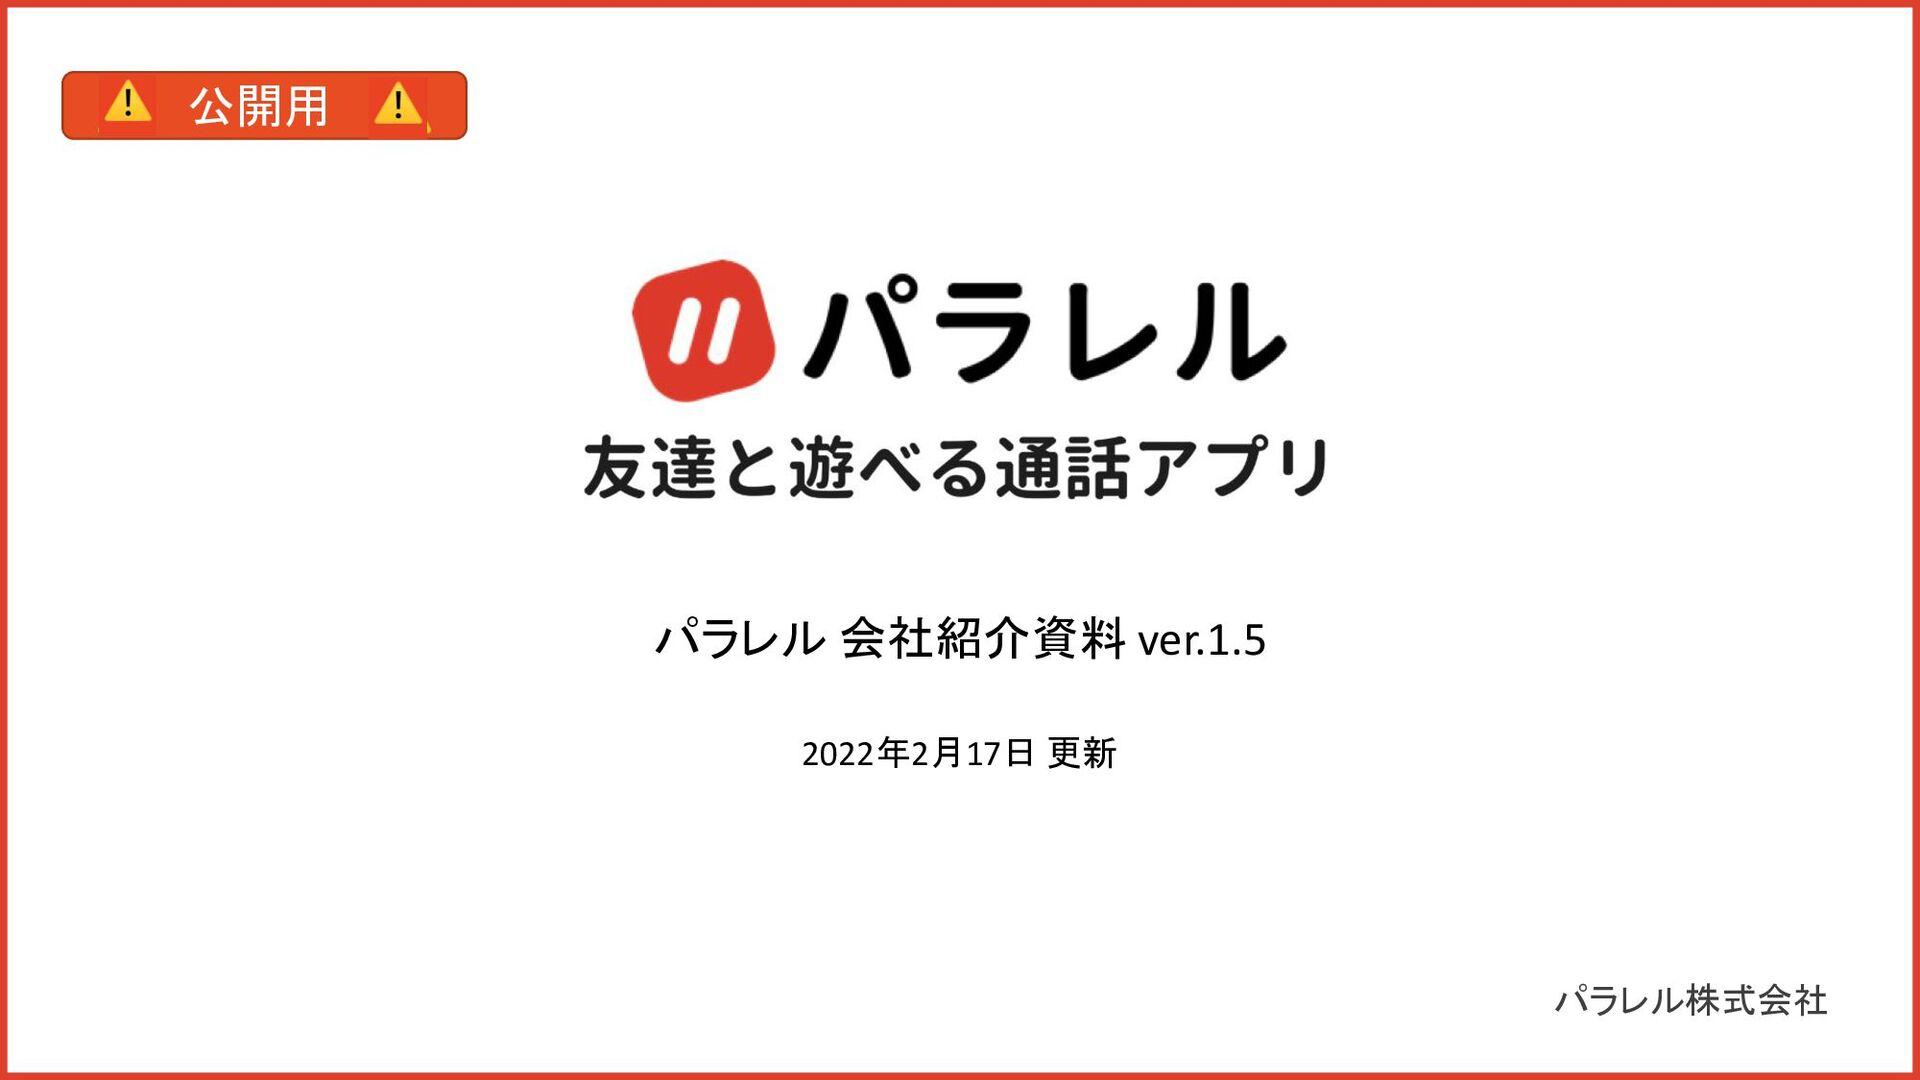 パラレル株式会社 パラレル 会社紹介資料 ver.1.3 2021年7⽉13⽇ 更新 ⚠ 公開...